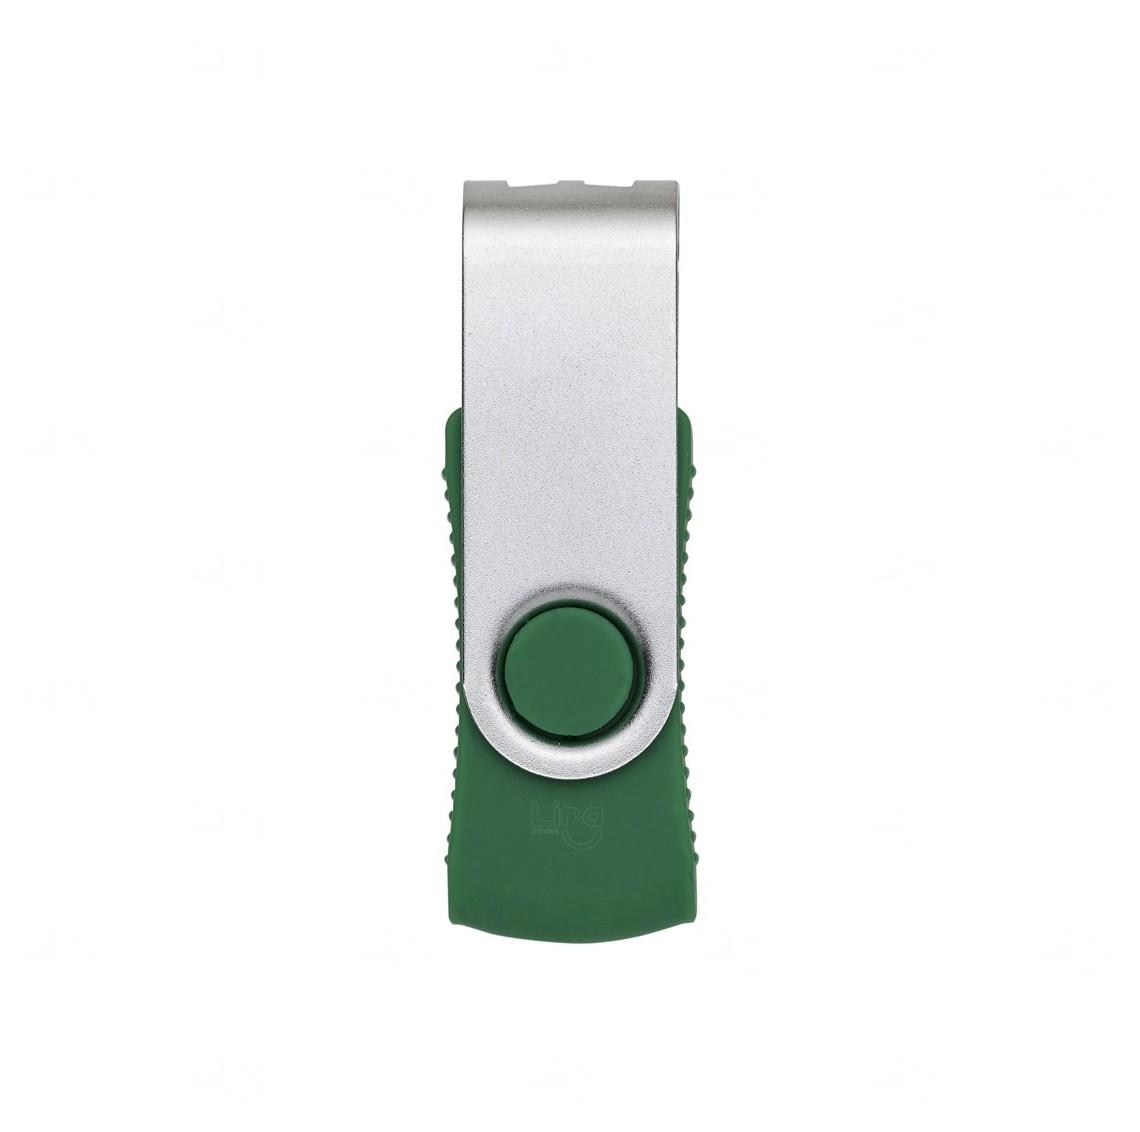 Pen Drive 4 Gb Com Tampa Giratória Verde